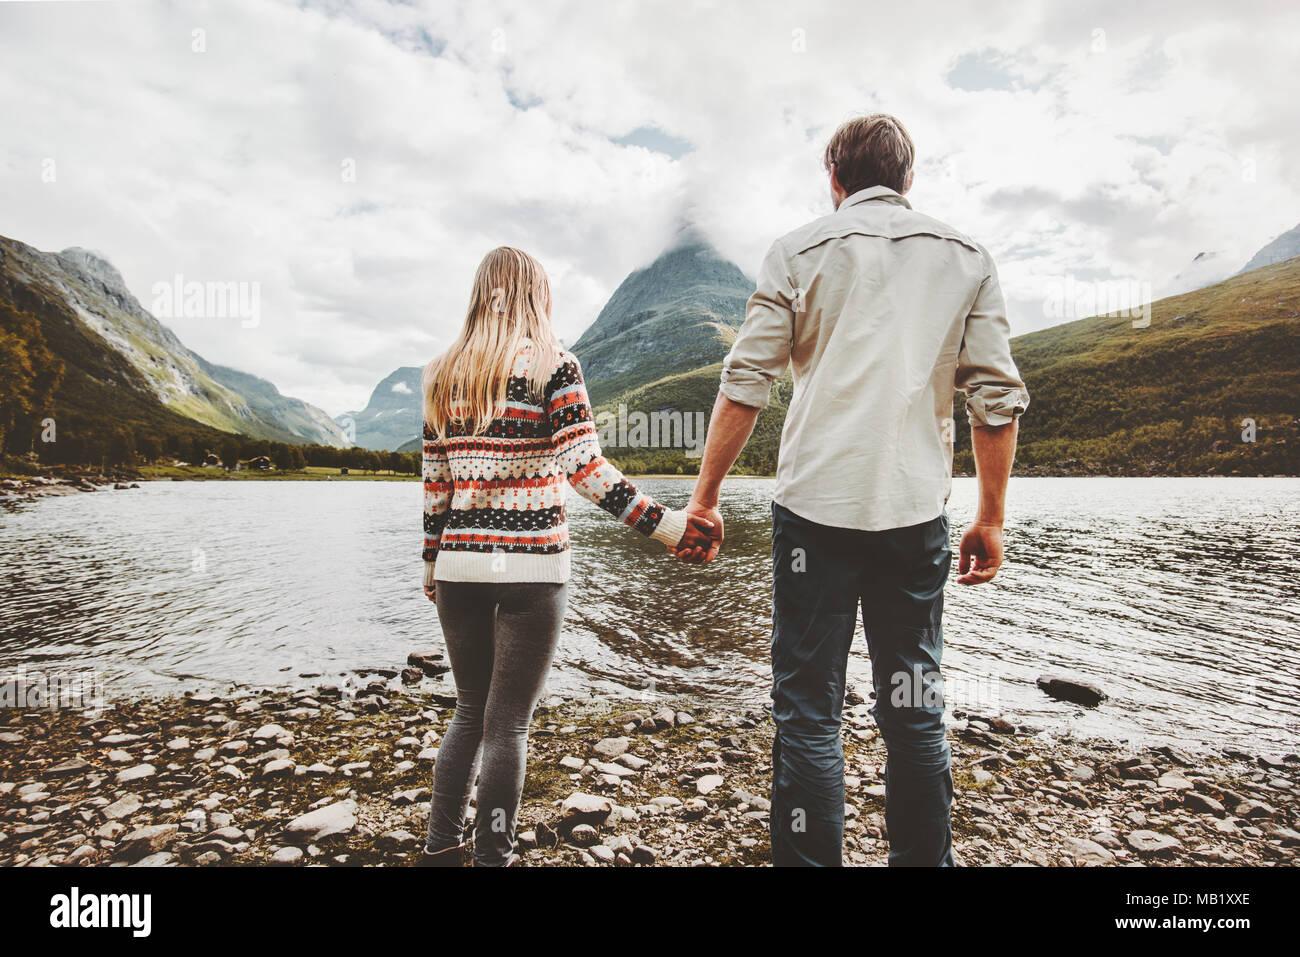 Giovane uomo e donna holding hands godendo di montagne e vista lago famiglia che viaggiano insieme avventura concetto lifestyle vacanze outdoor Immagini Stock